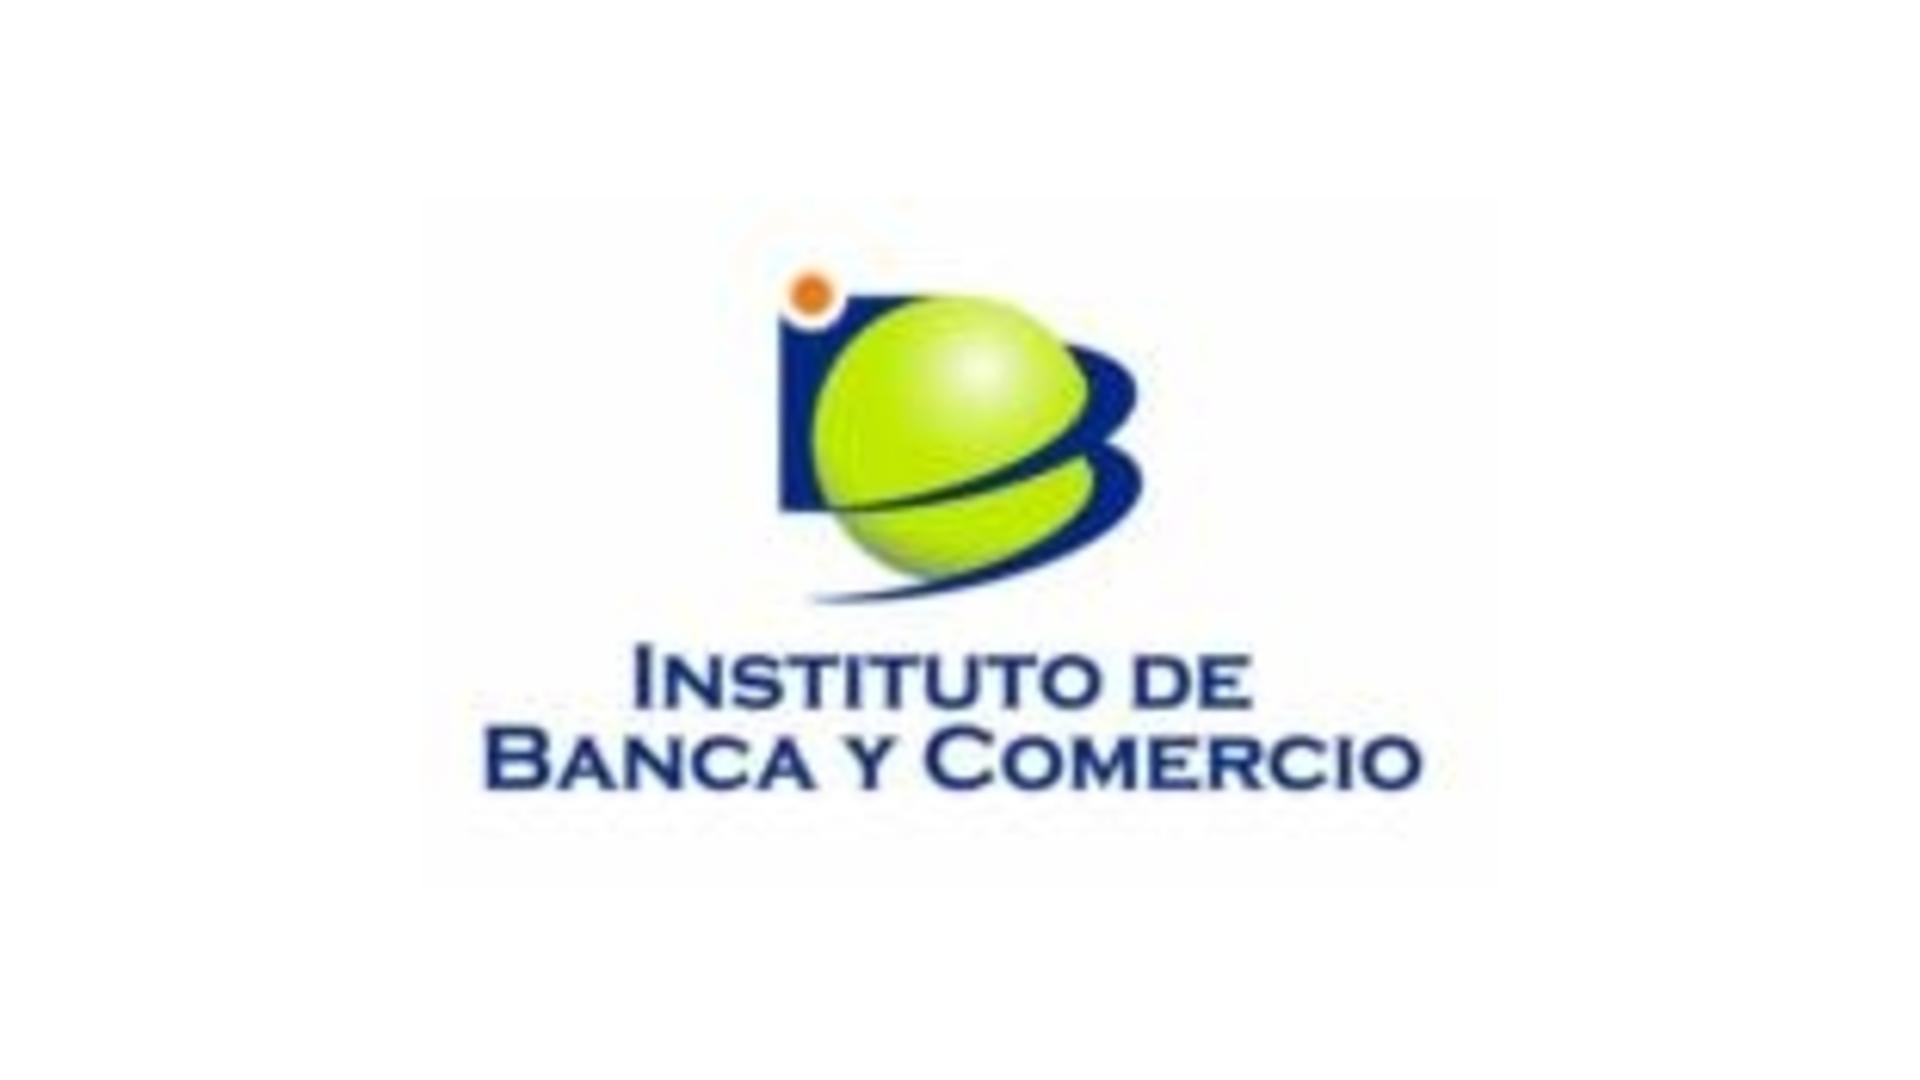 Amazoncom Instituto de Banca y Comercio App Appstore for Android 1920x1080